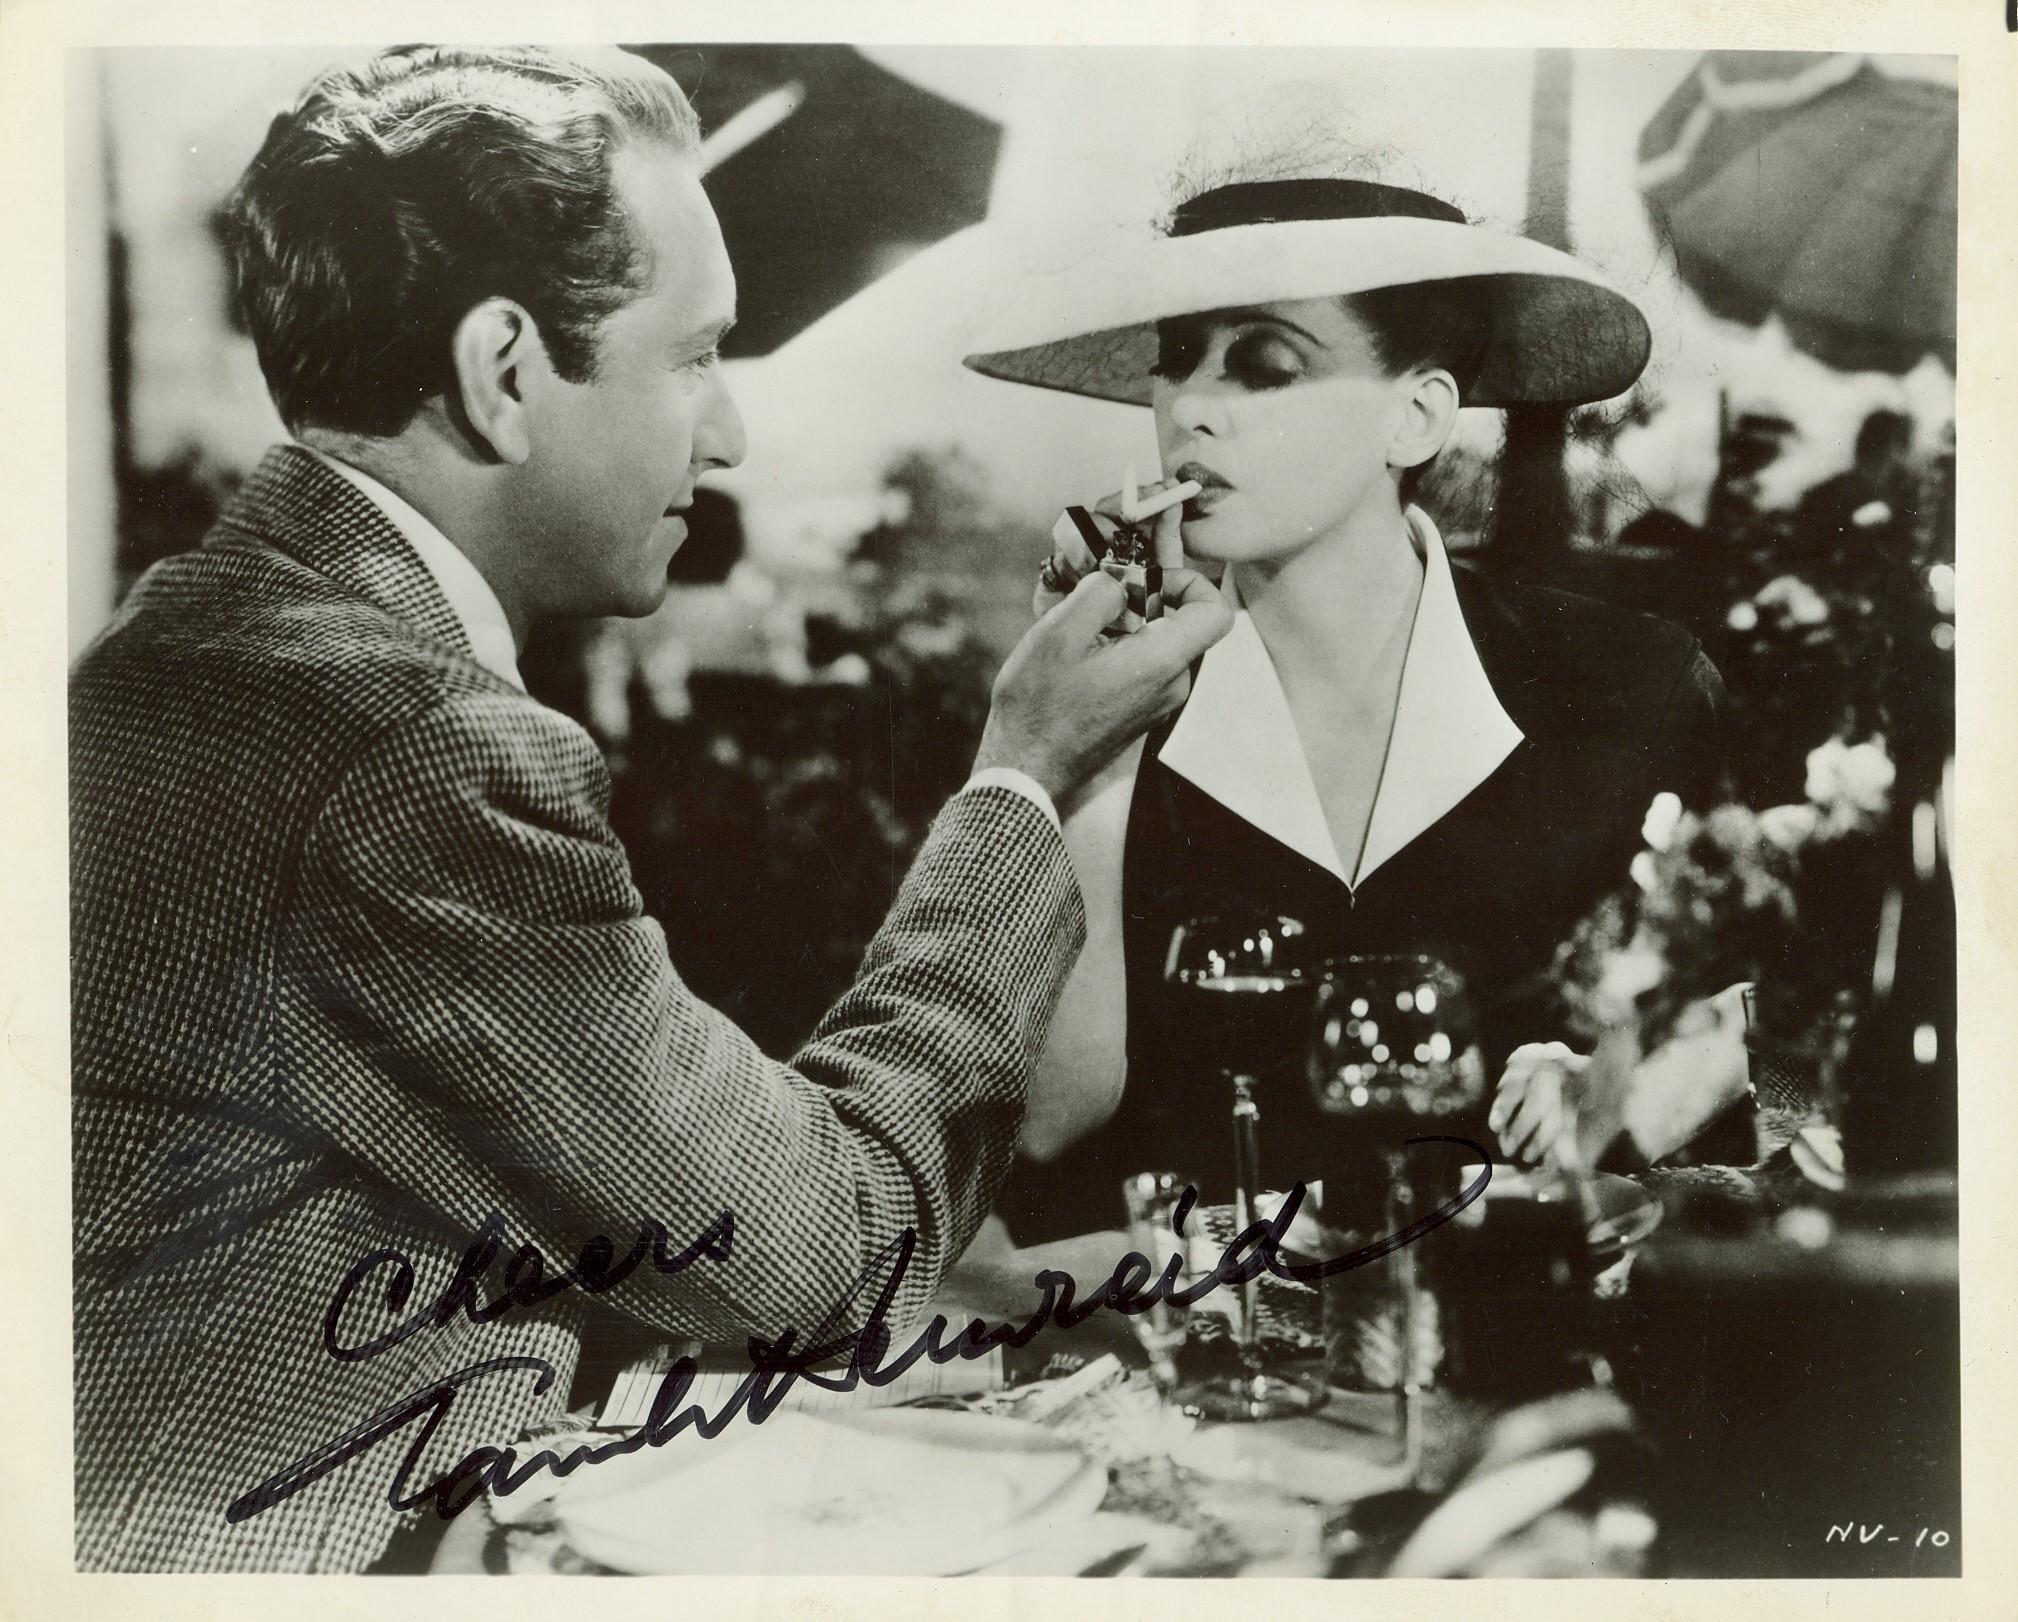 Lot 48 - CASABLANCA : A Warner Bros. film (1942)